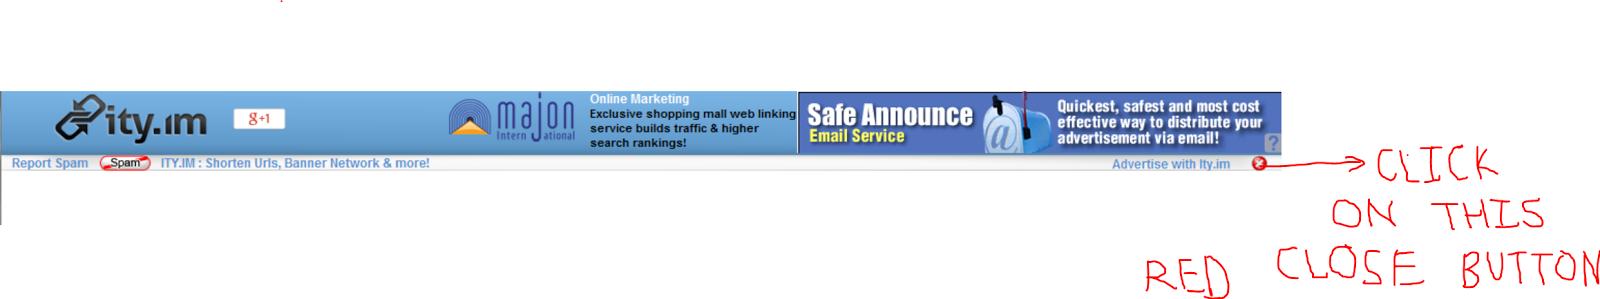 safest email service